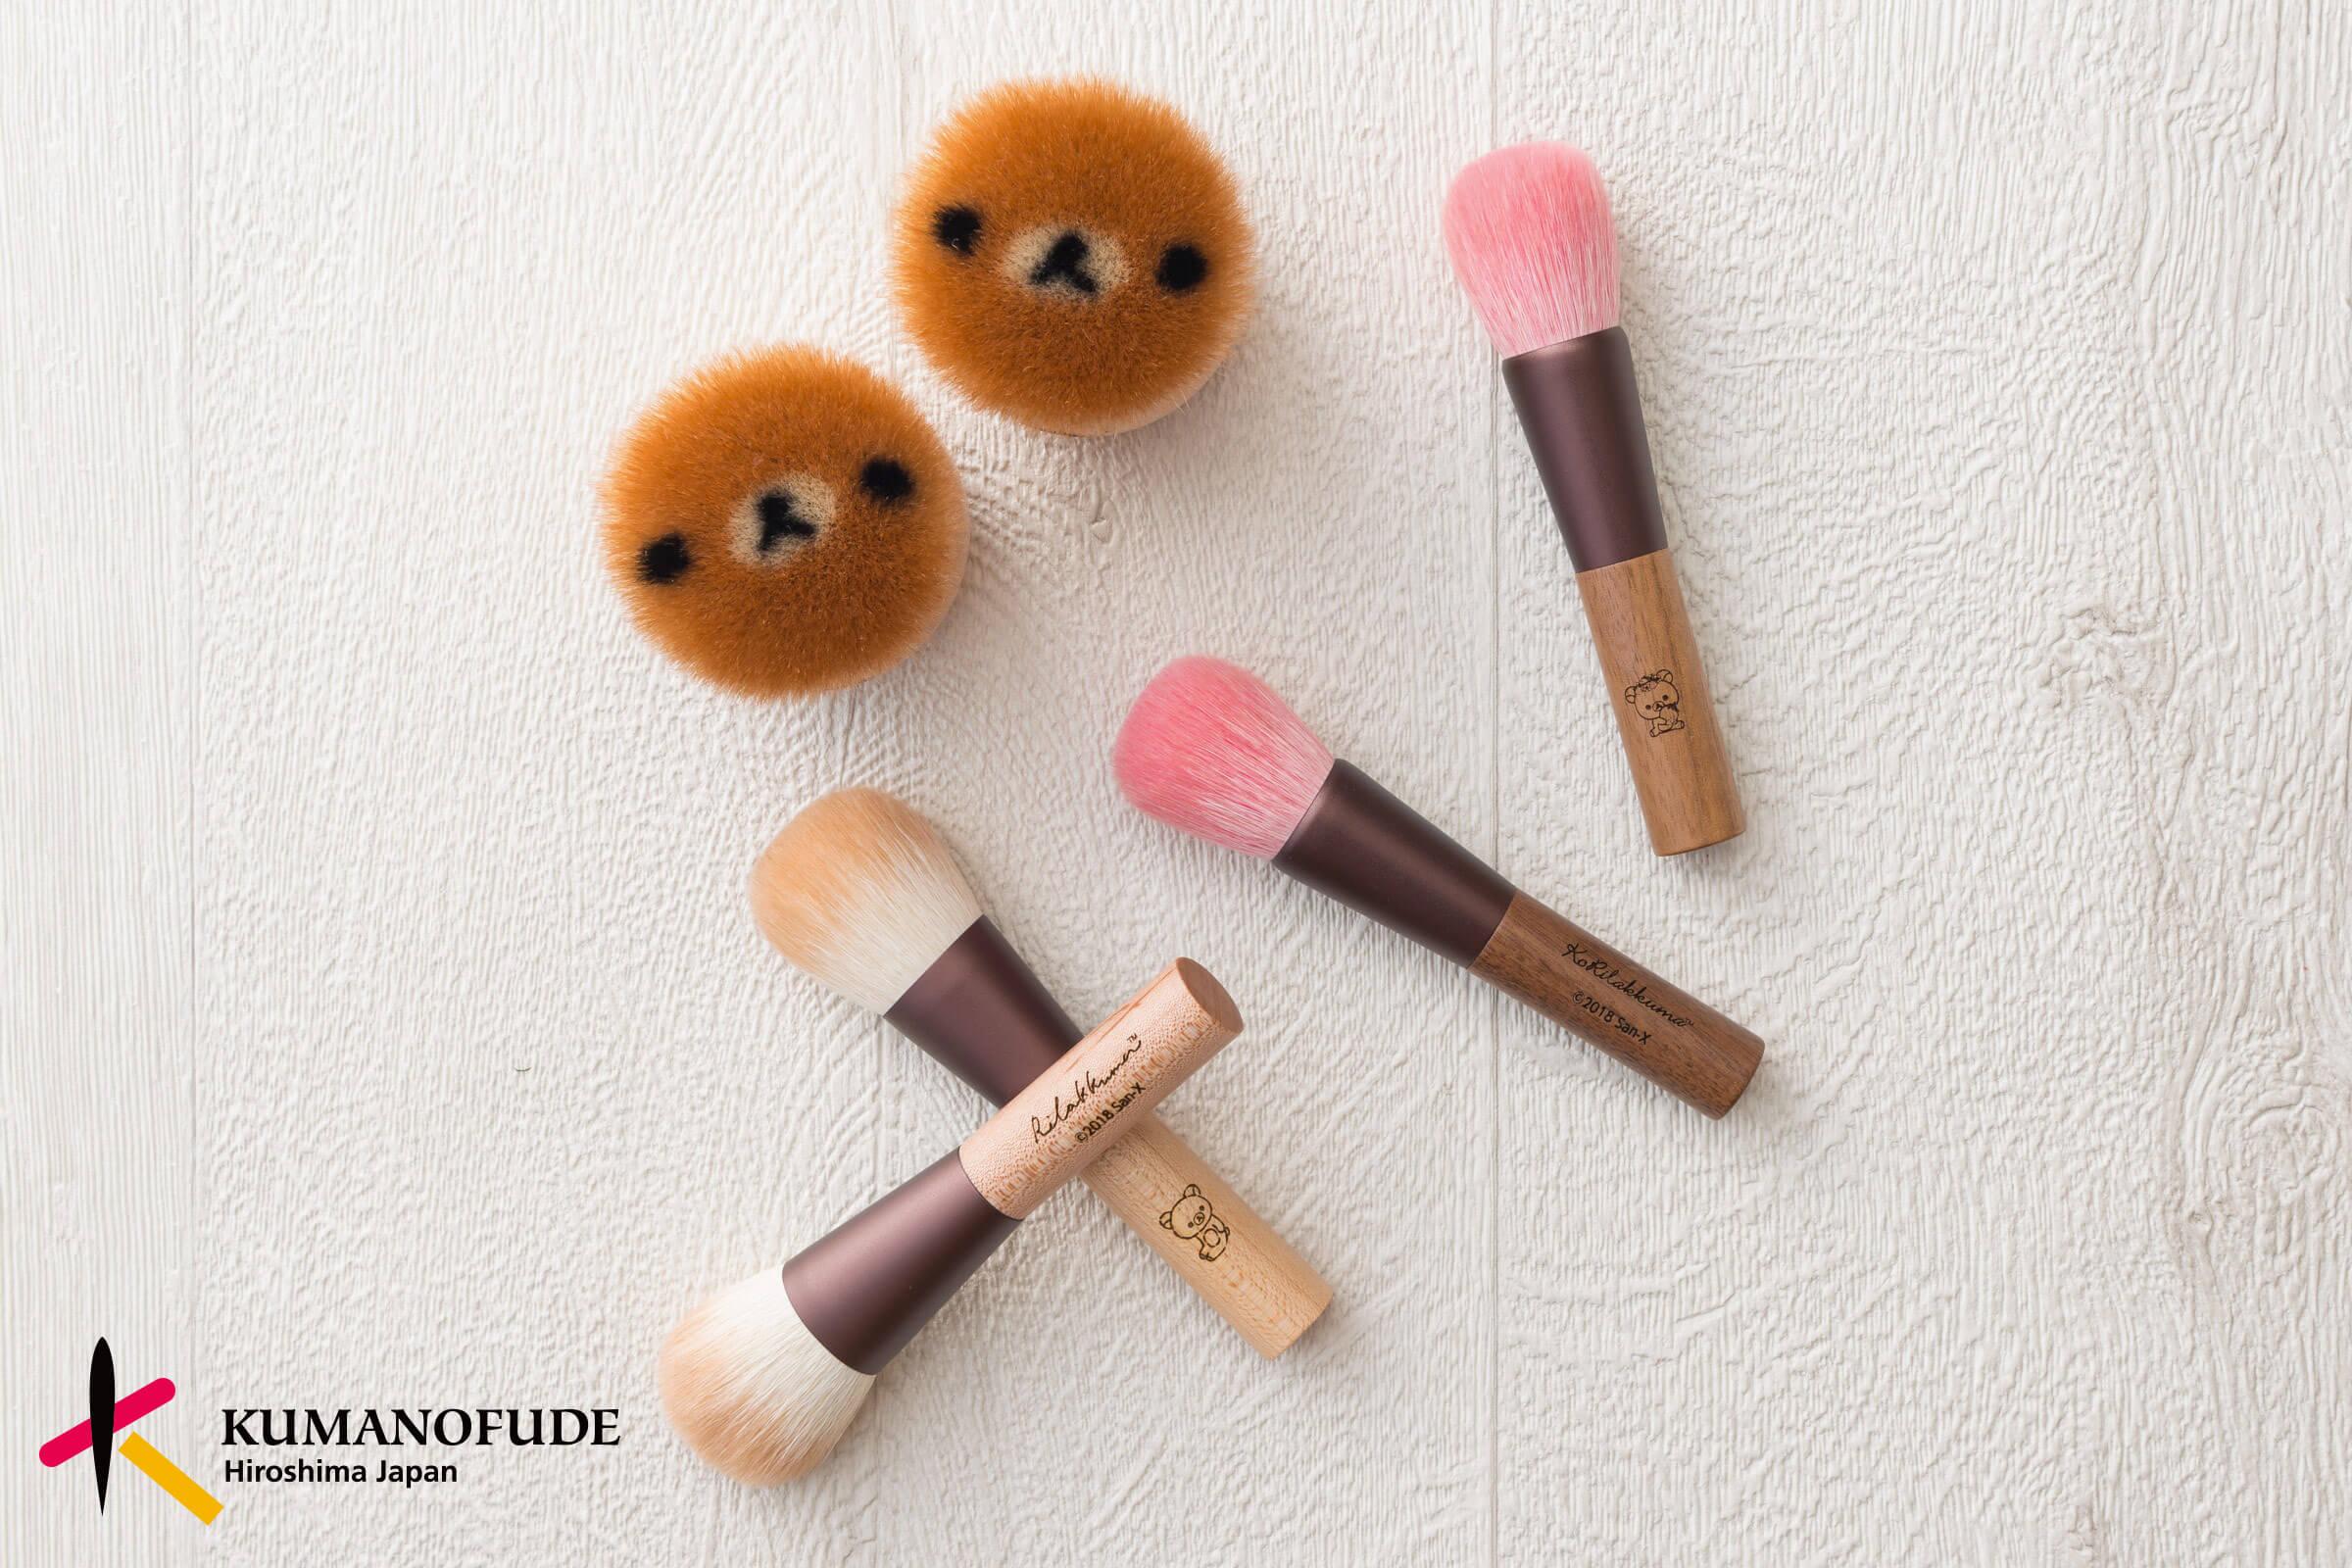 在廣島職人的傳統技法下誕生的刷具「熊野筆」化身「拉拉熊熊野筆」登場 奶油熊、拉拉熊、